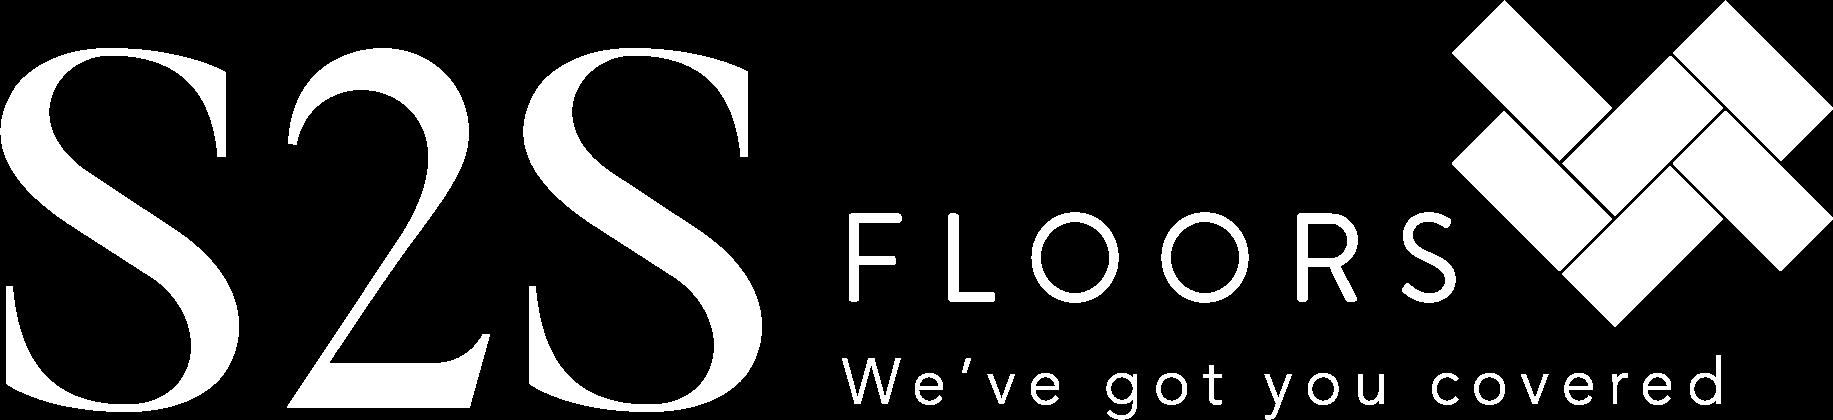 S2S Floors